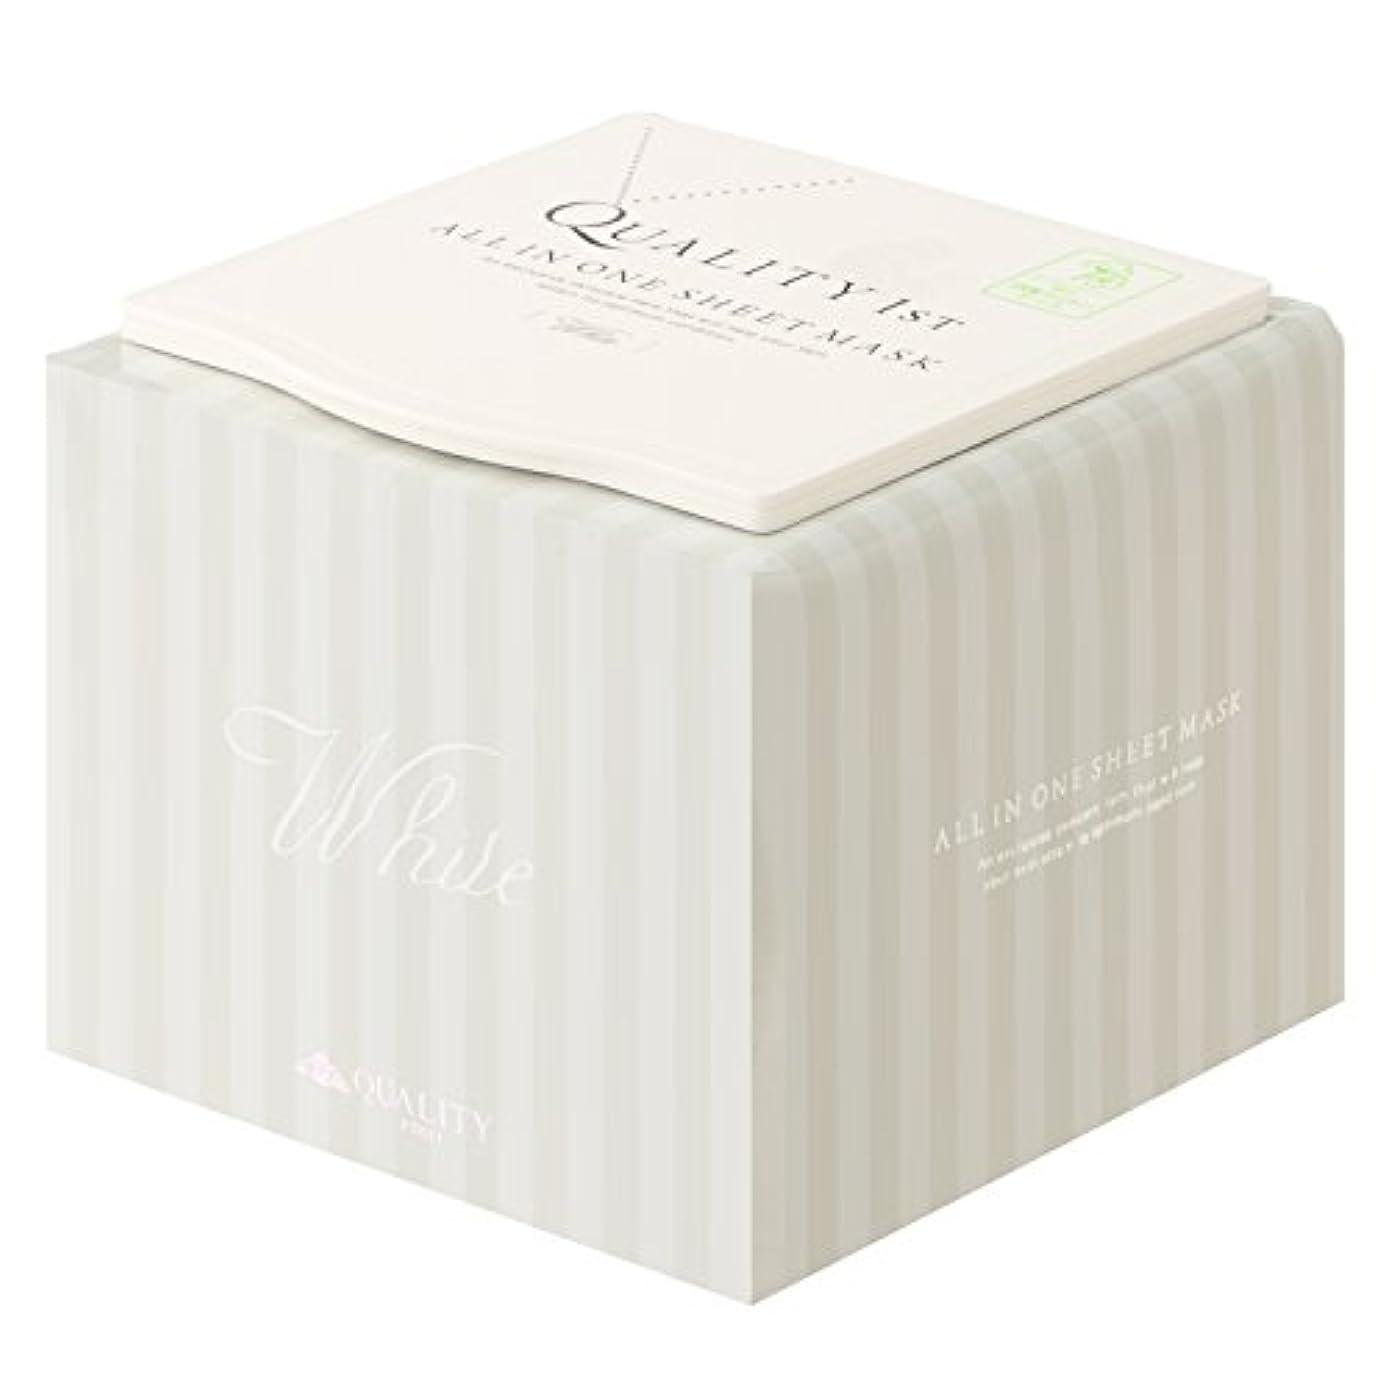 クリーナー手紙を書く特権オールインワンシートマスク ホワイトEX (30枚) BOX